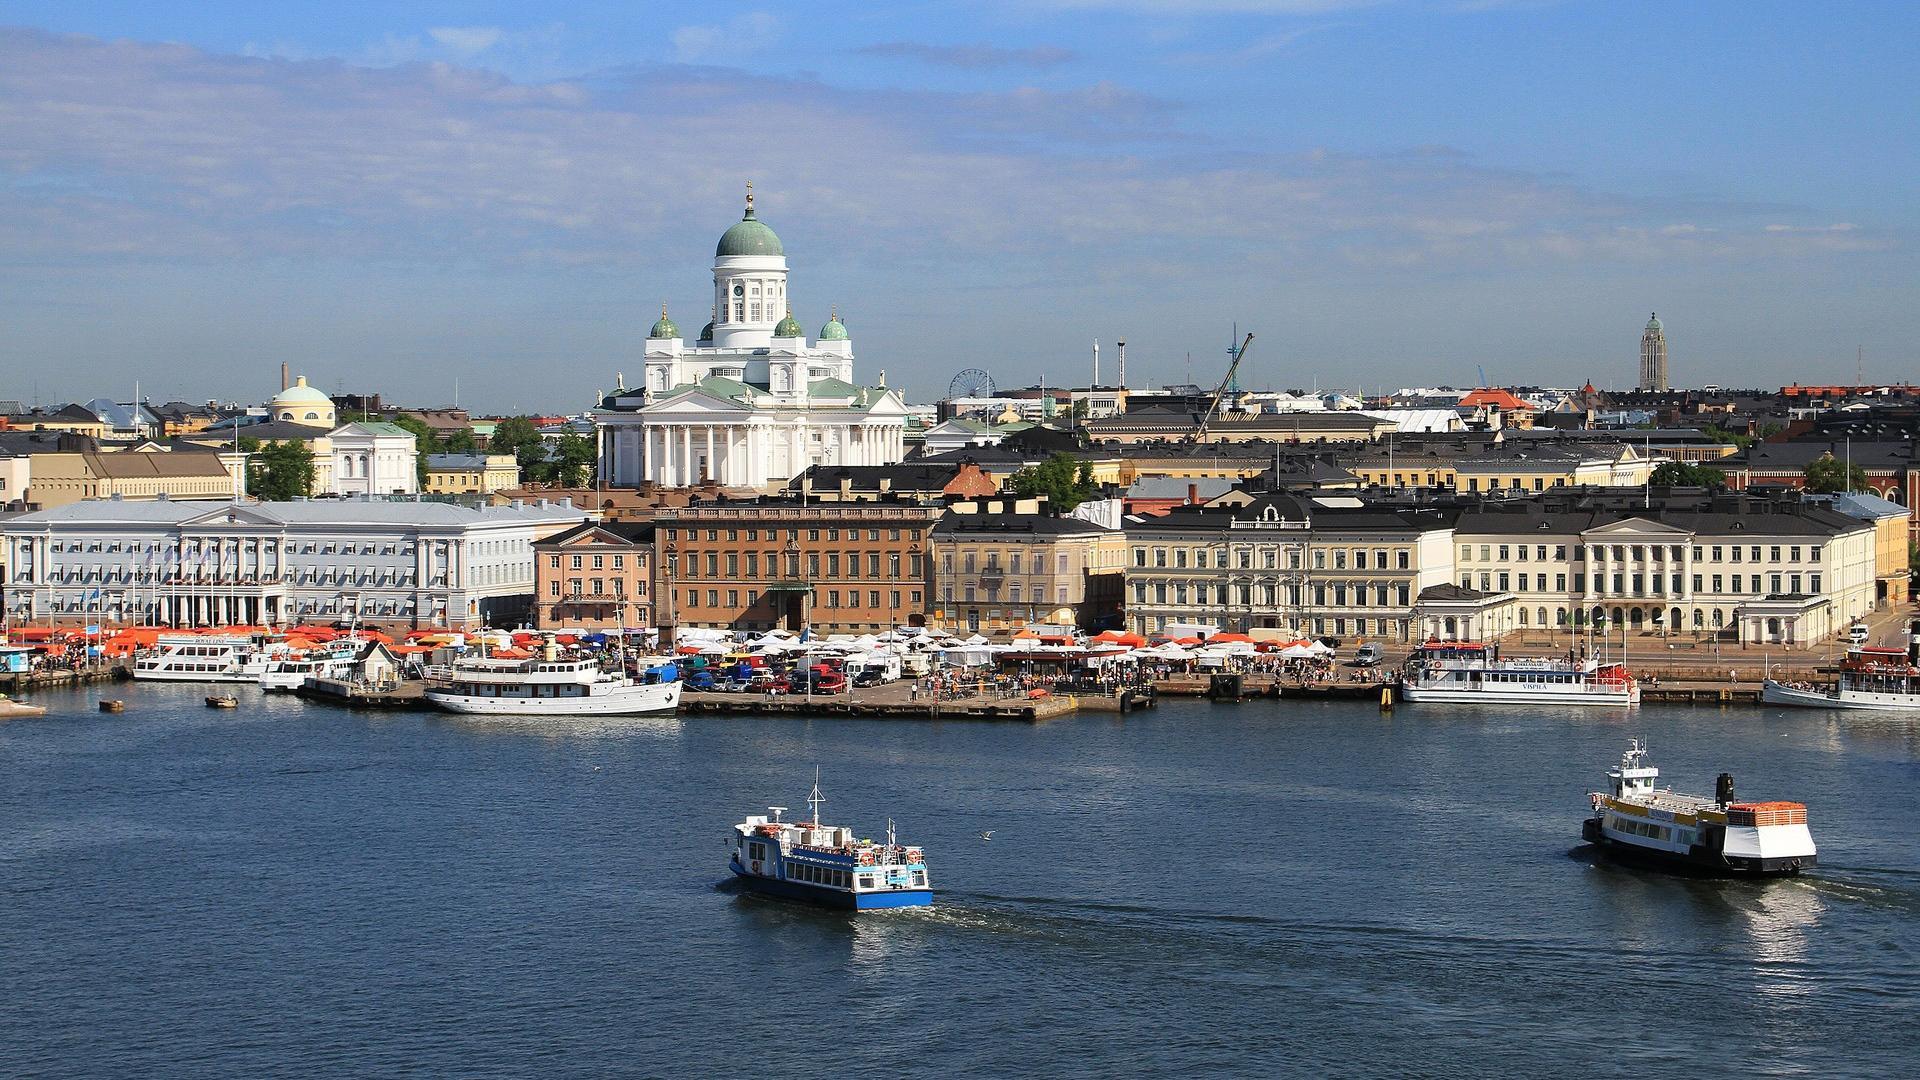 Finlândia: liberdade, generosidade, ausência de corrupção e, sobretudo, educação.